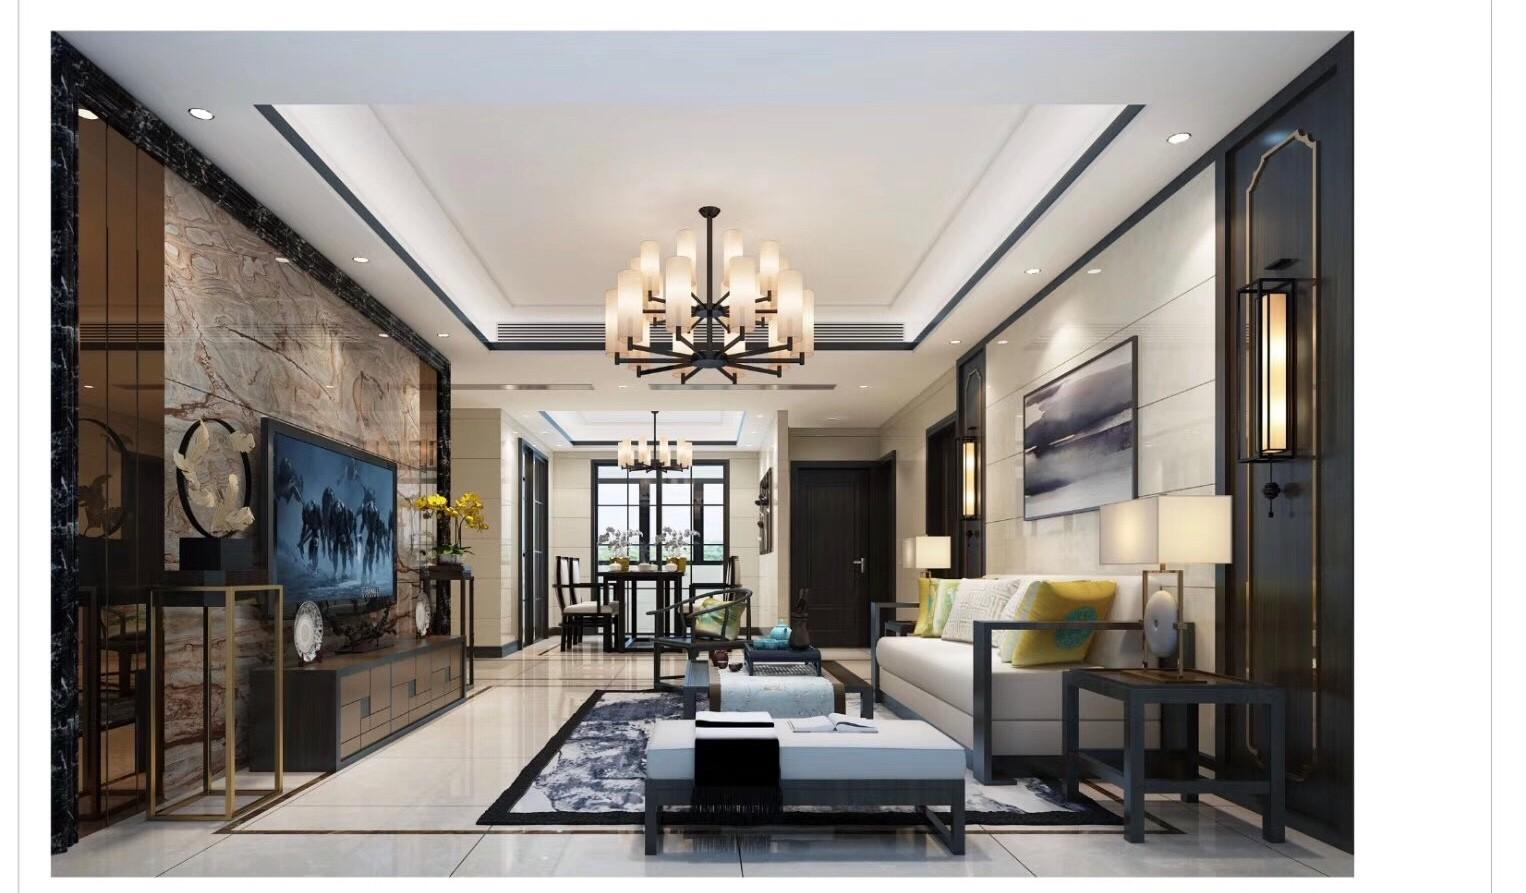 海南万超装饰设计工程有限公司